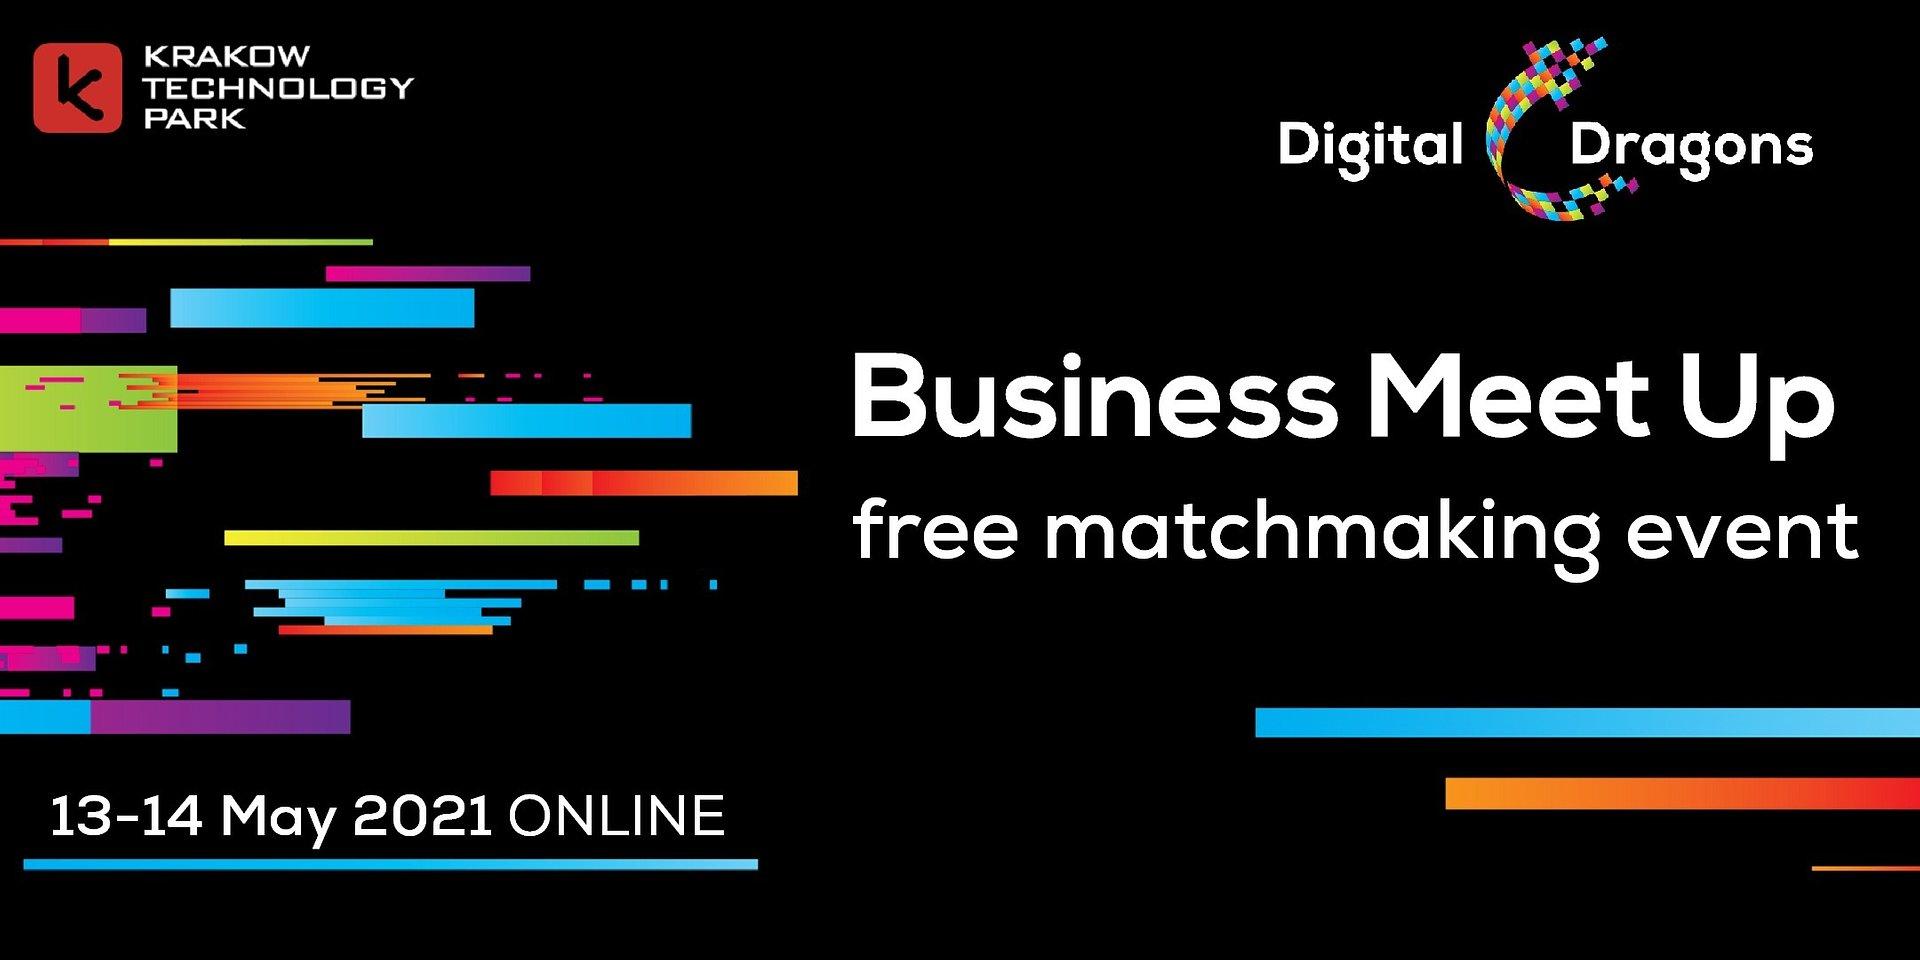 Událost Digital Dragons Business Meet up přichází v květnu. Registrace je spuštěna!